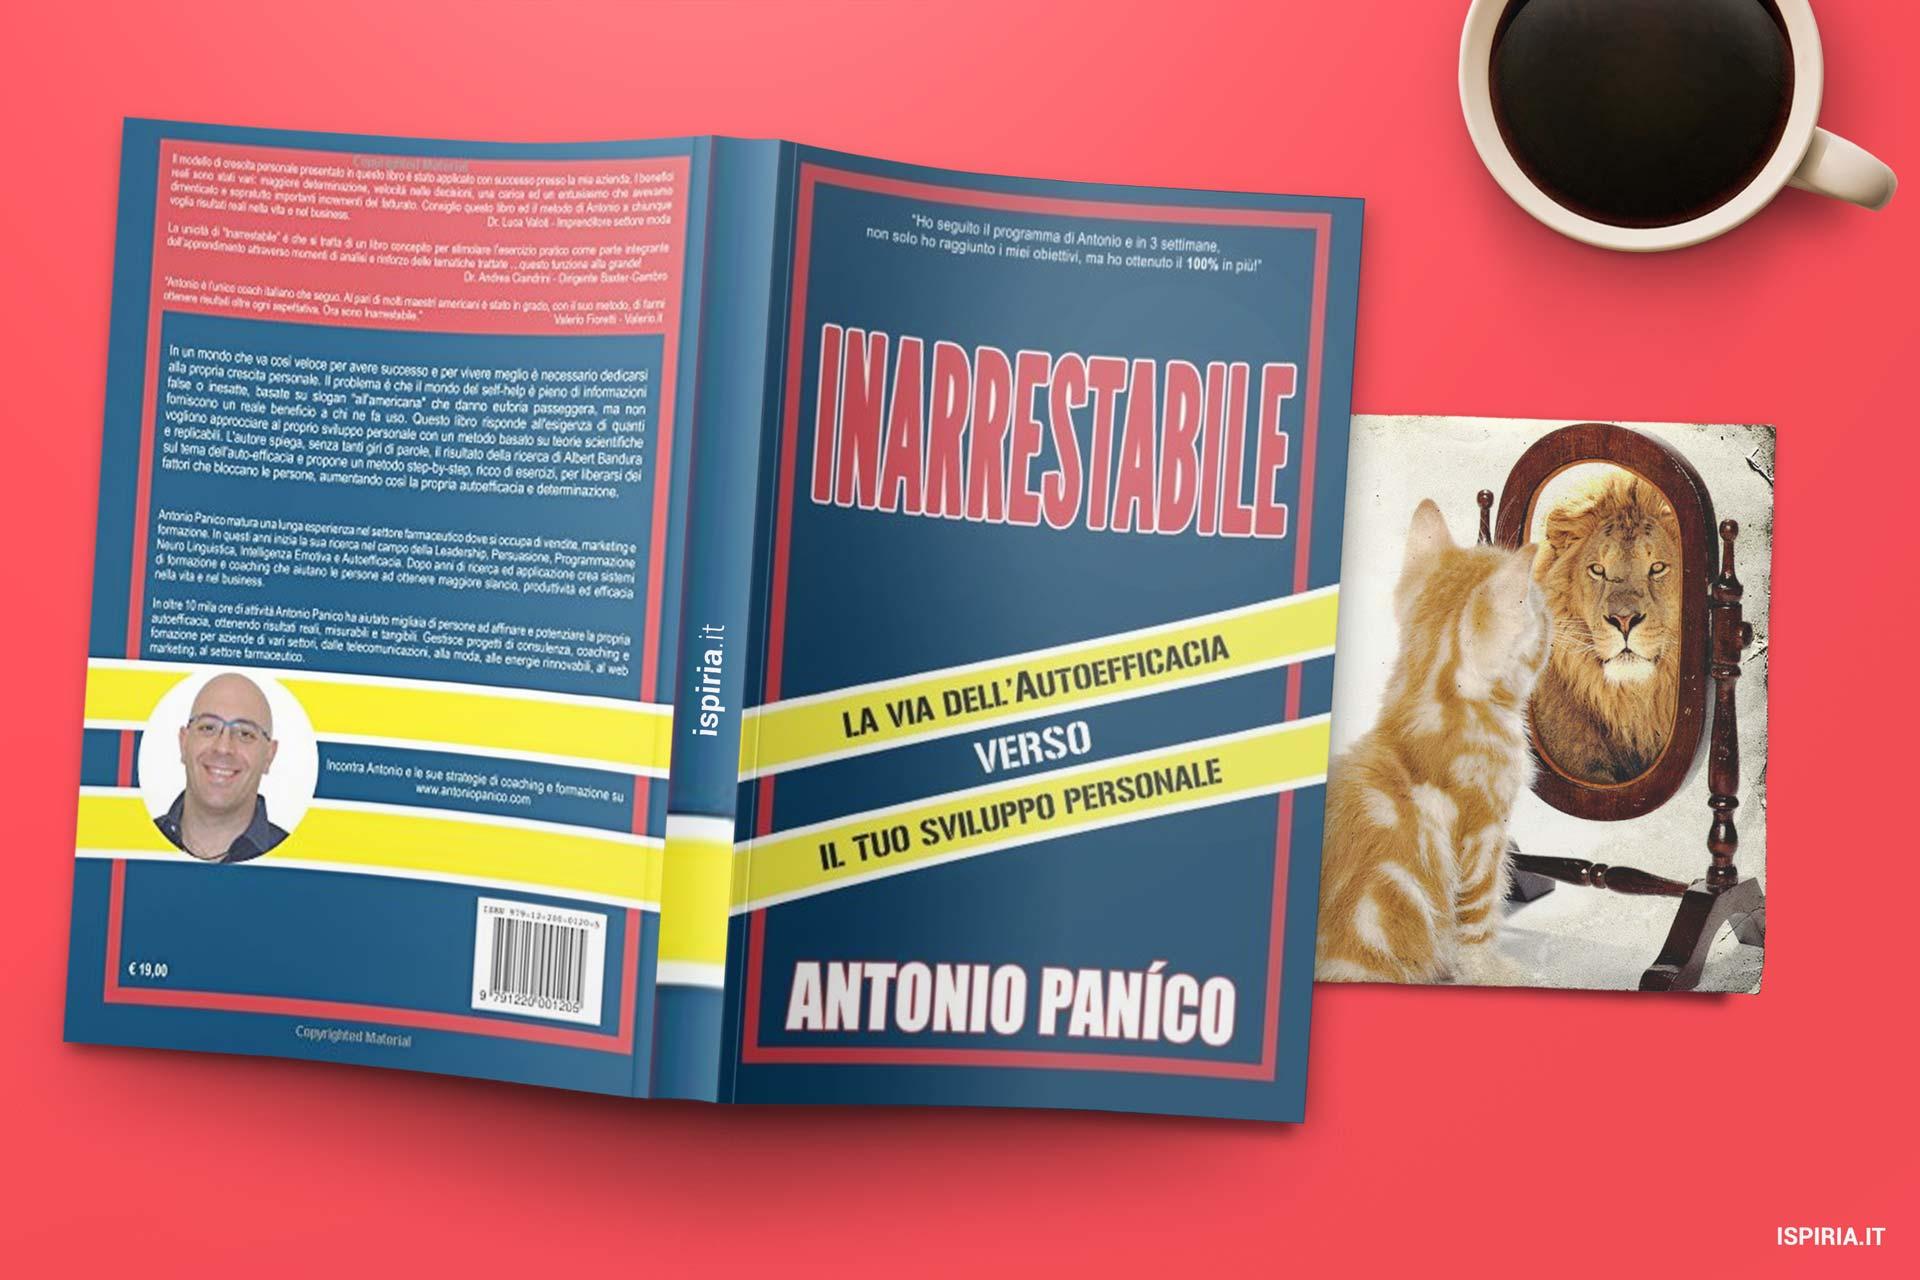 Aumentare-migliorare-l'autostima-migliori-libri-inarrestabile-panìco